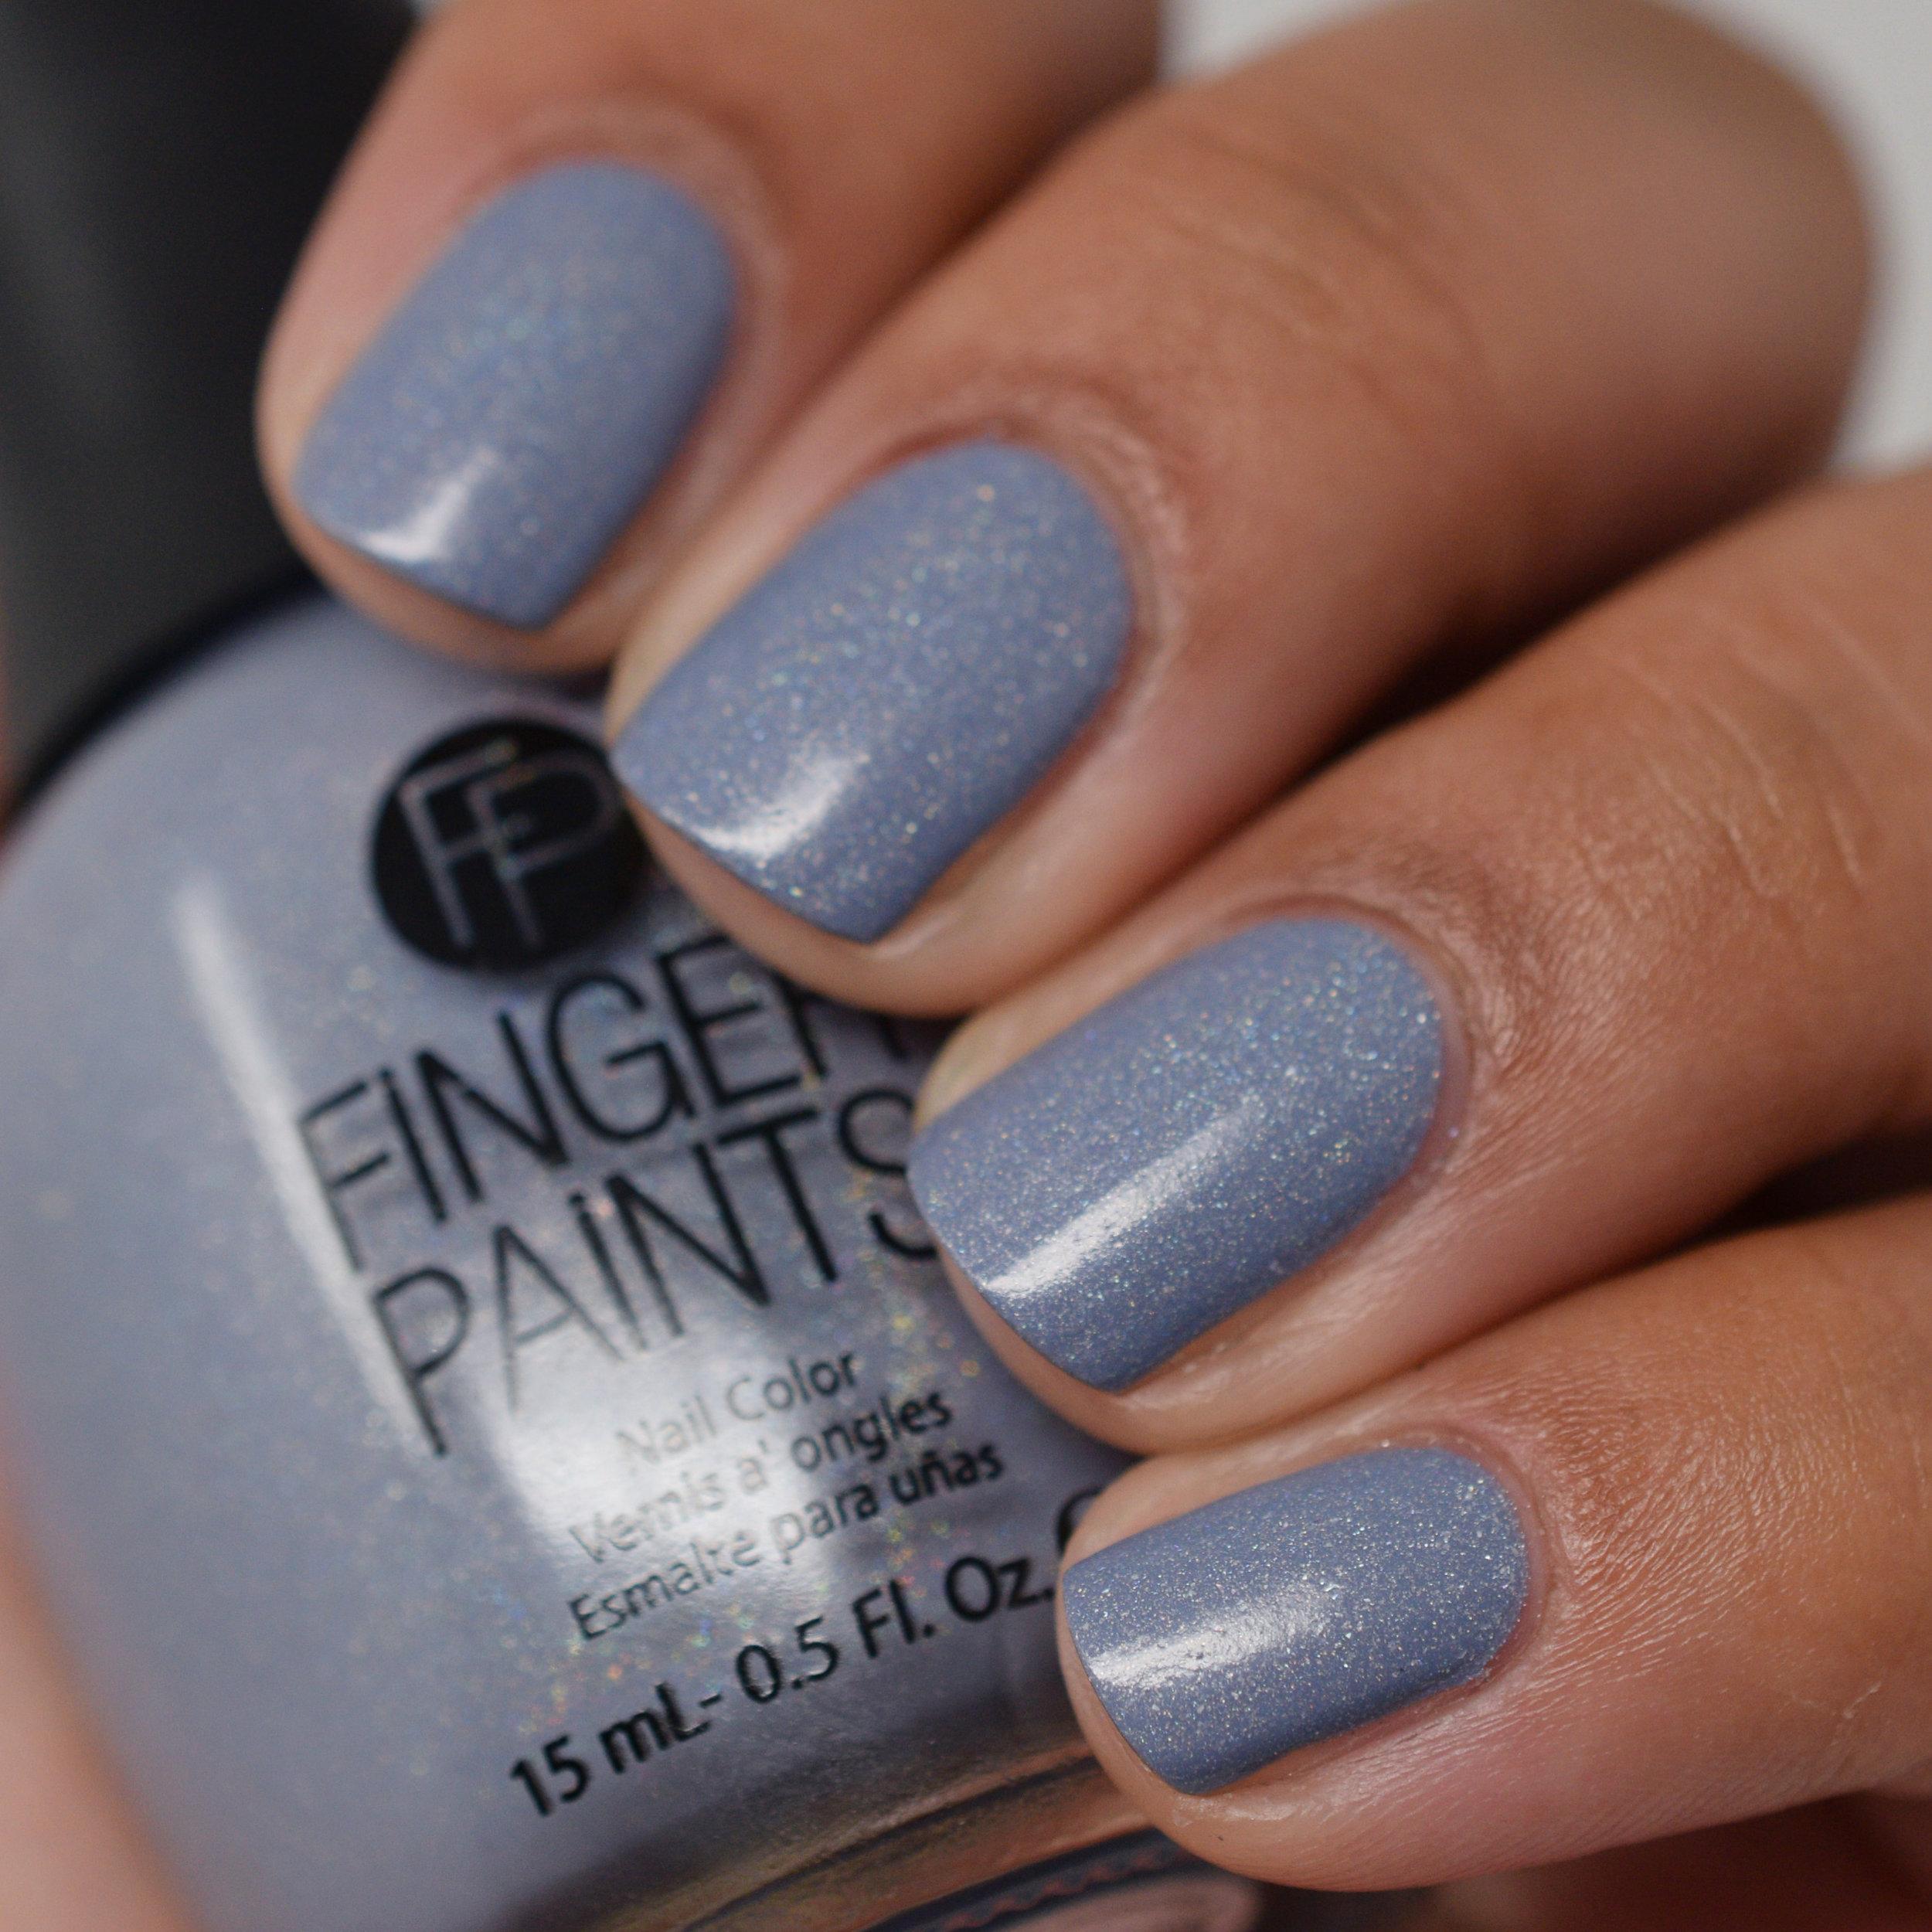 Finger Paints Summer 2018 - Pixie Dust.jpg